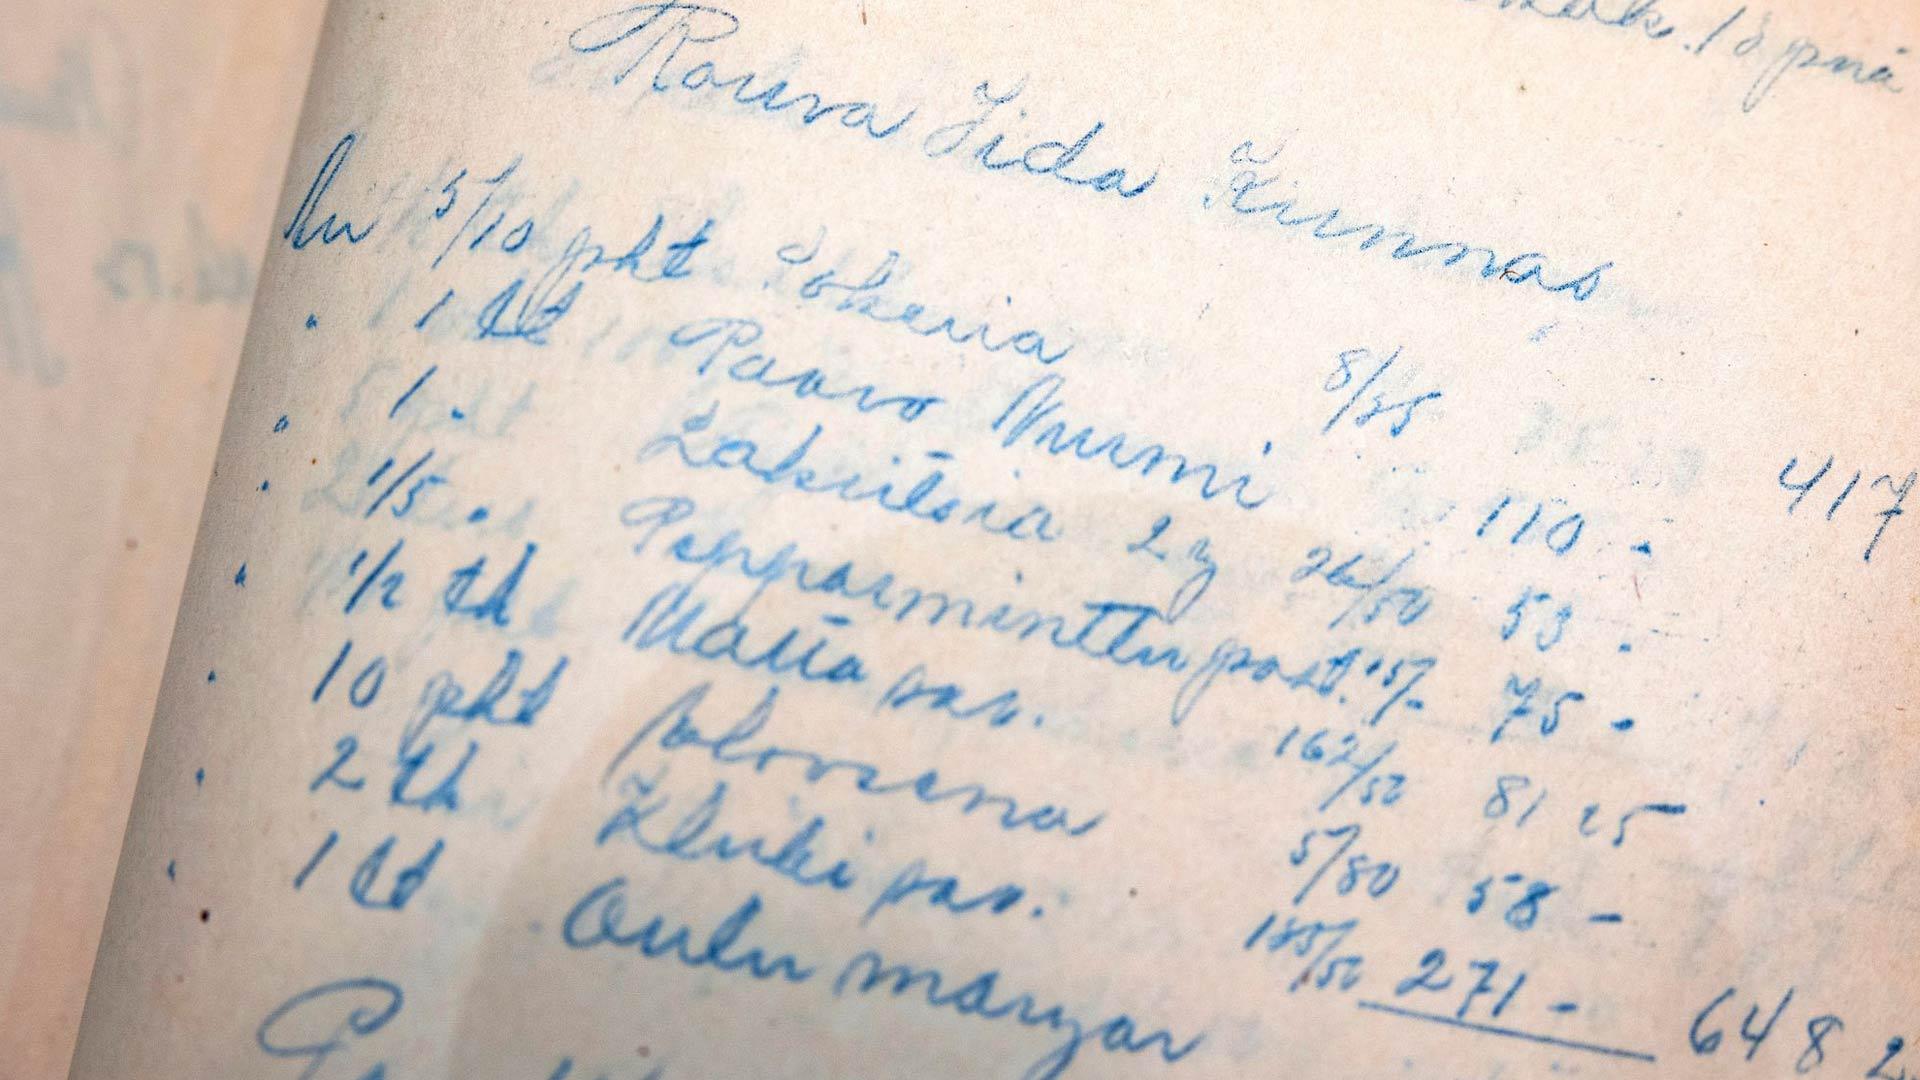 Minna Canthin perilliset perustivat Canthin kuoleman jälkeen osakeyhtiön, joka jatkoi Kanttilan kauppojen pyörittämistä. Kuvassa yläpuodin laskukirja vuodelta 1928.